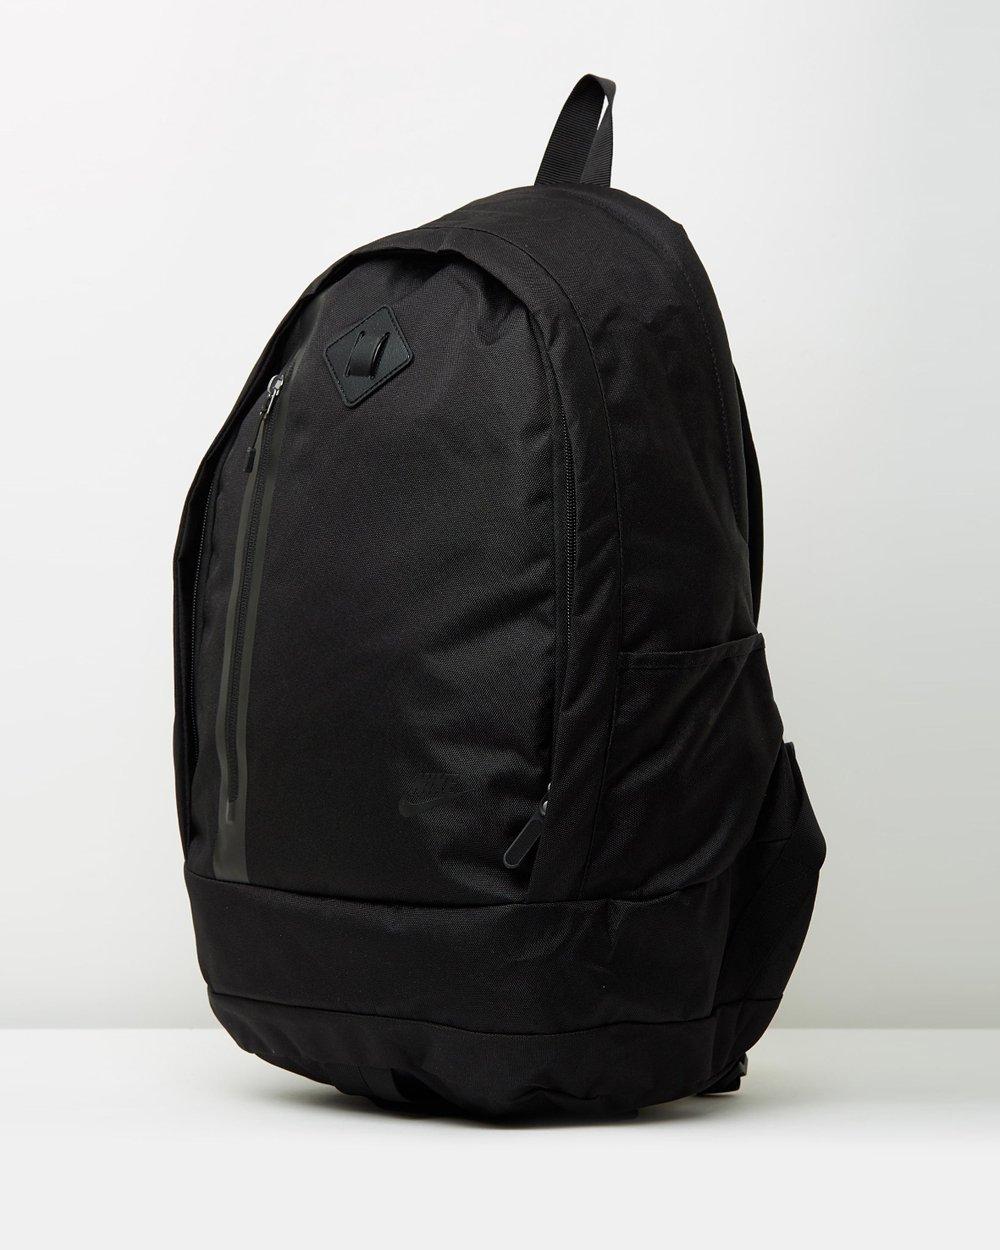 e9811eae6560 Nike Cheyenne 3.0 Backpack by Nike Online